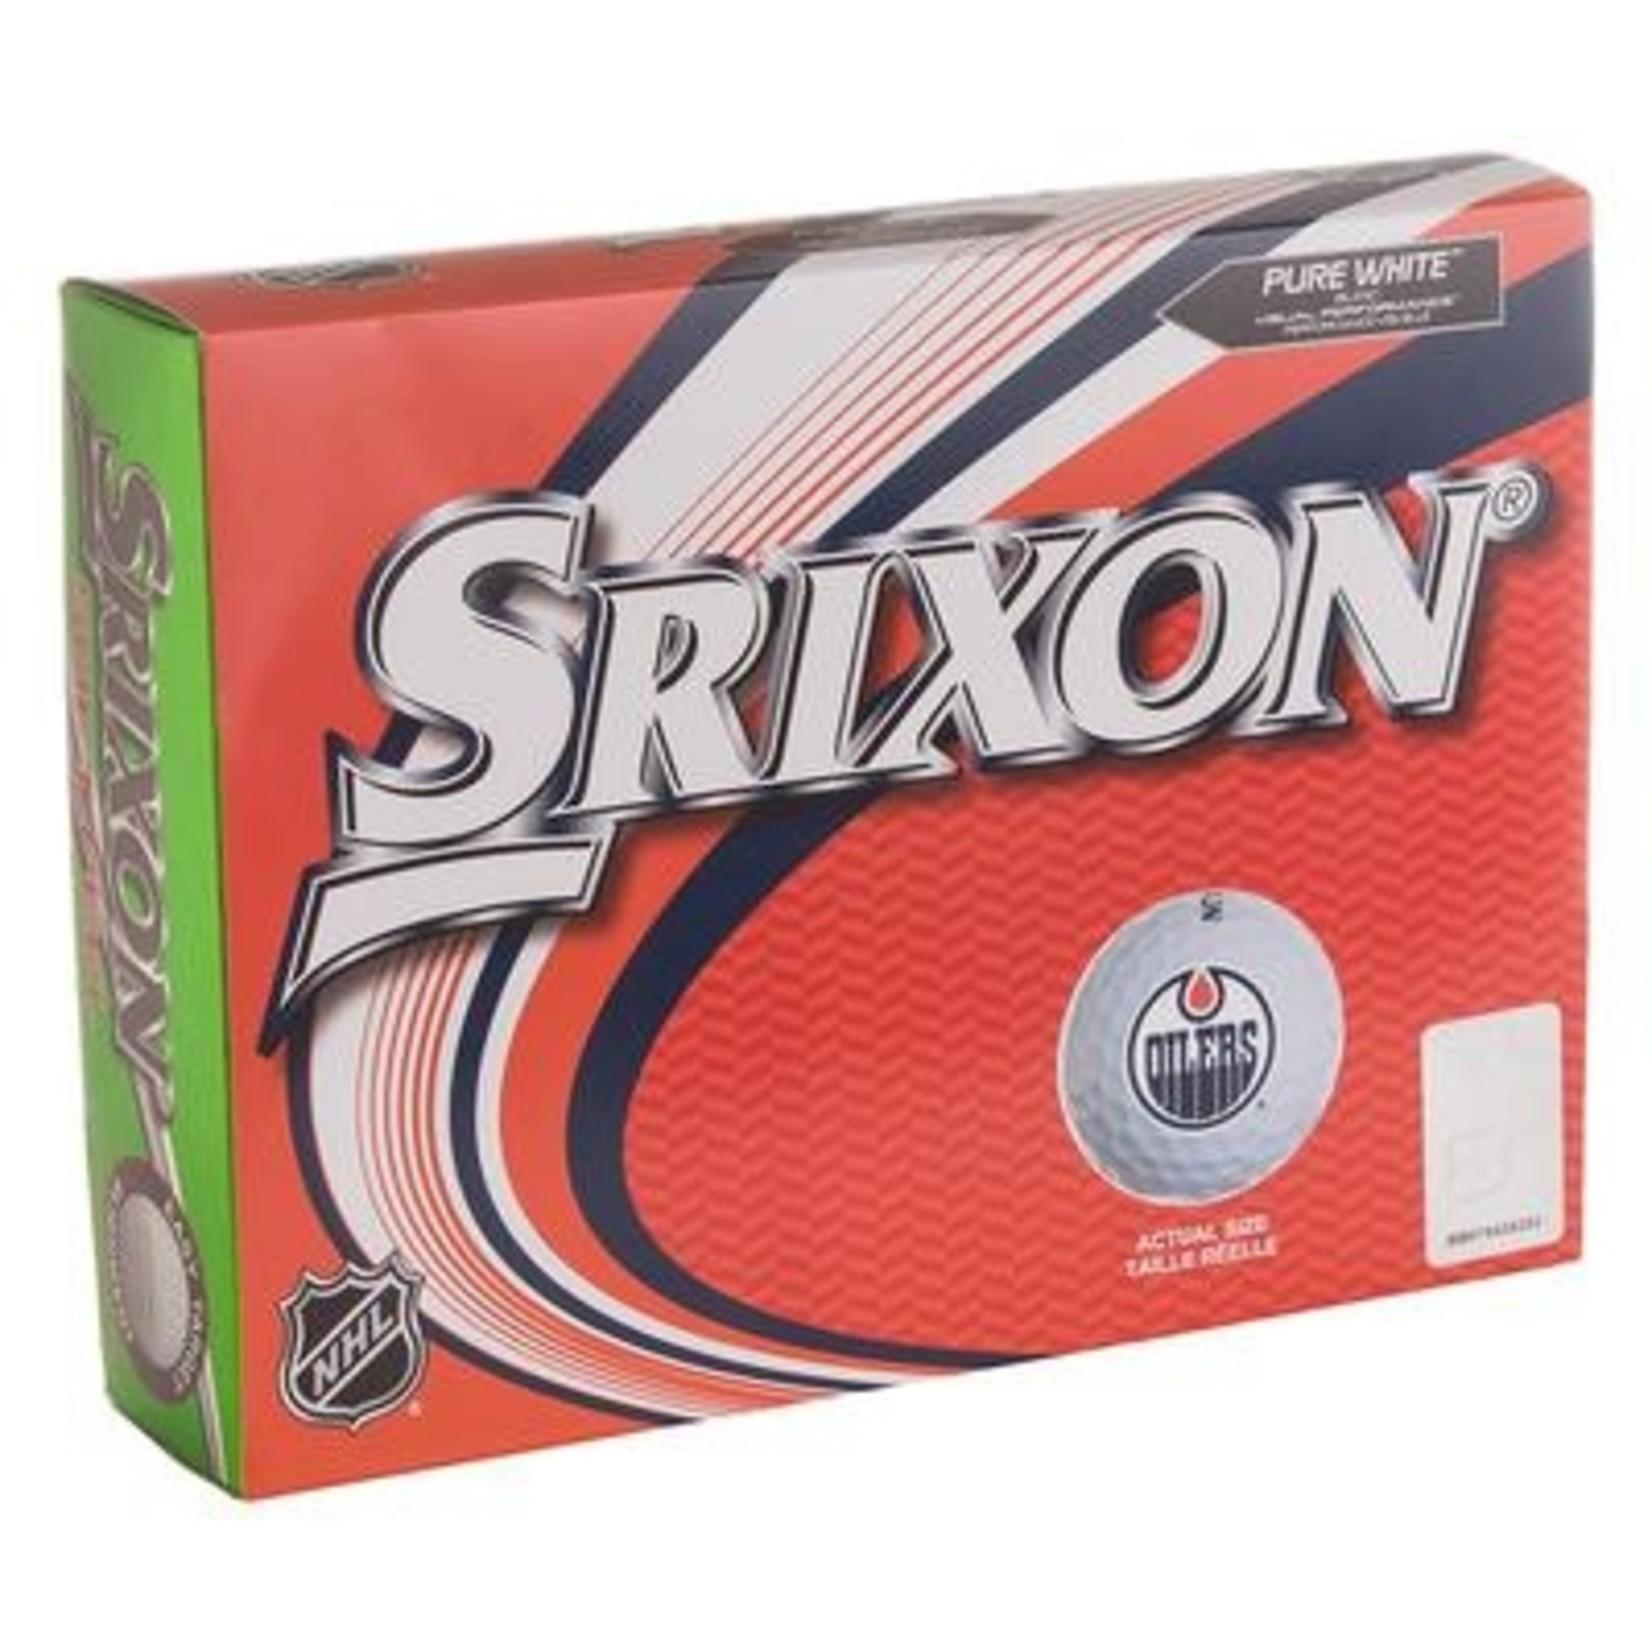 Srixon Srixon Soft Feel NHL Dozen